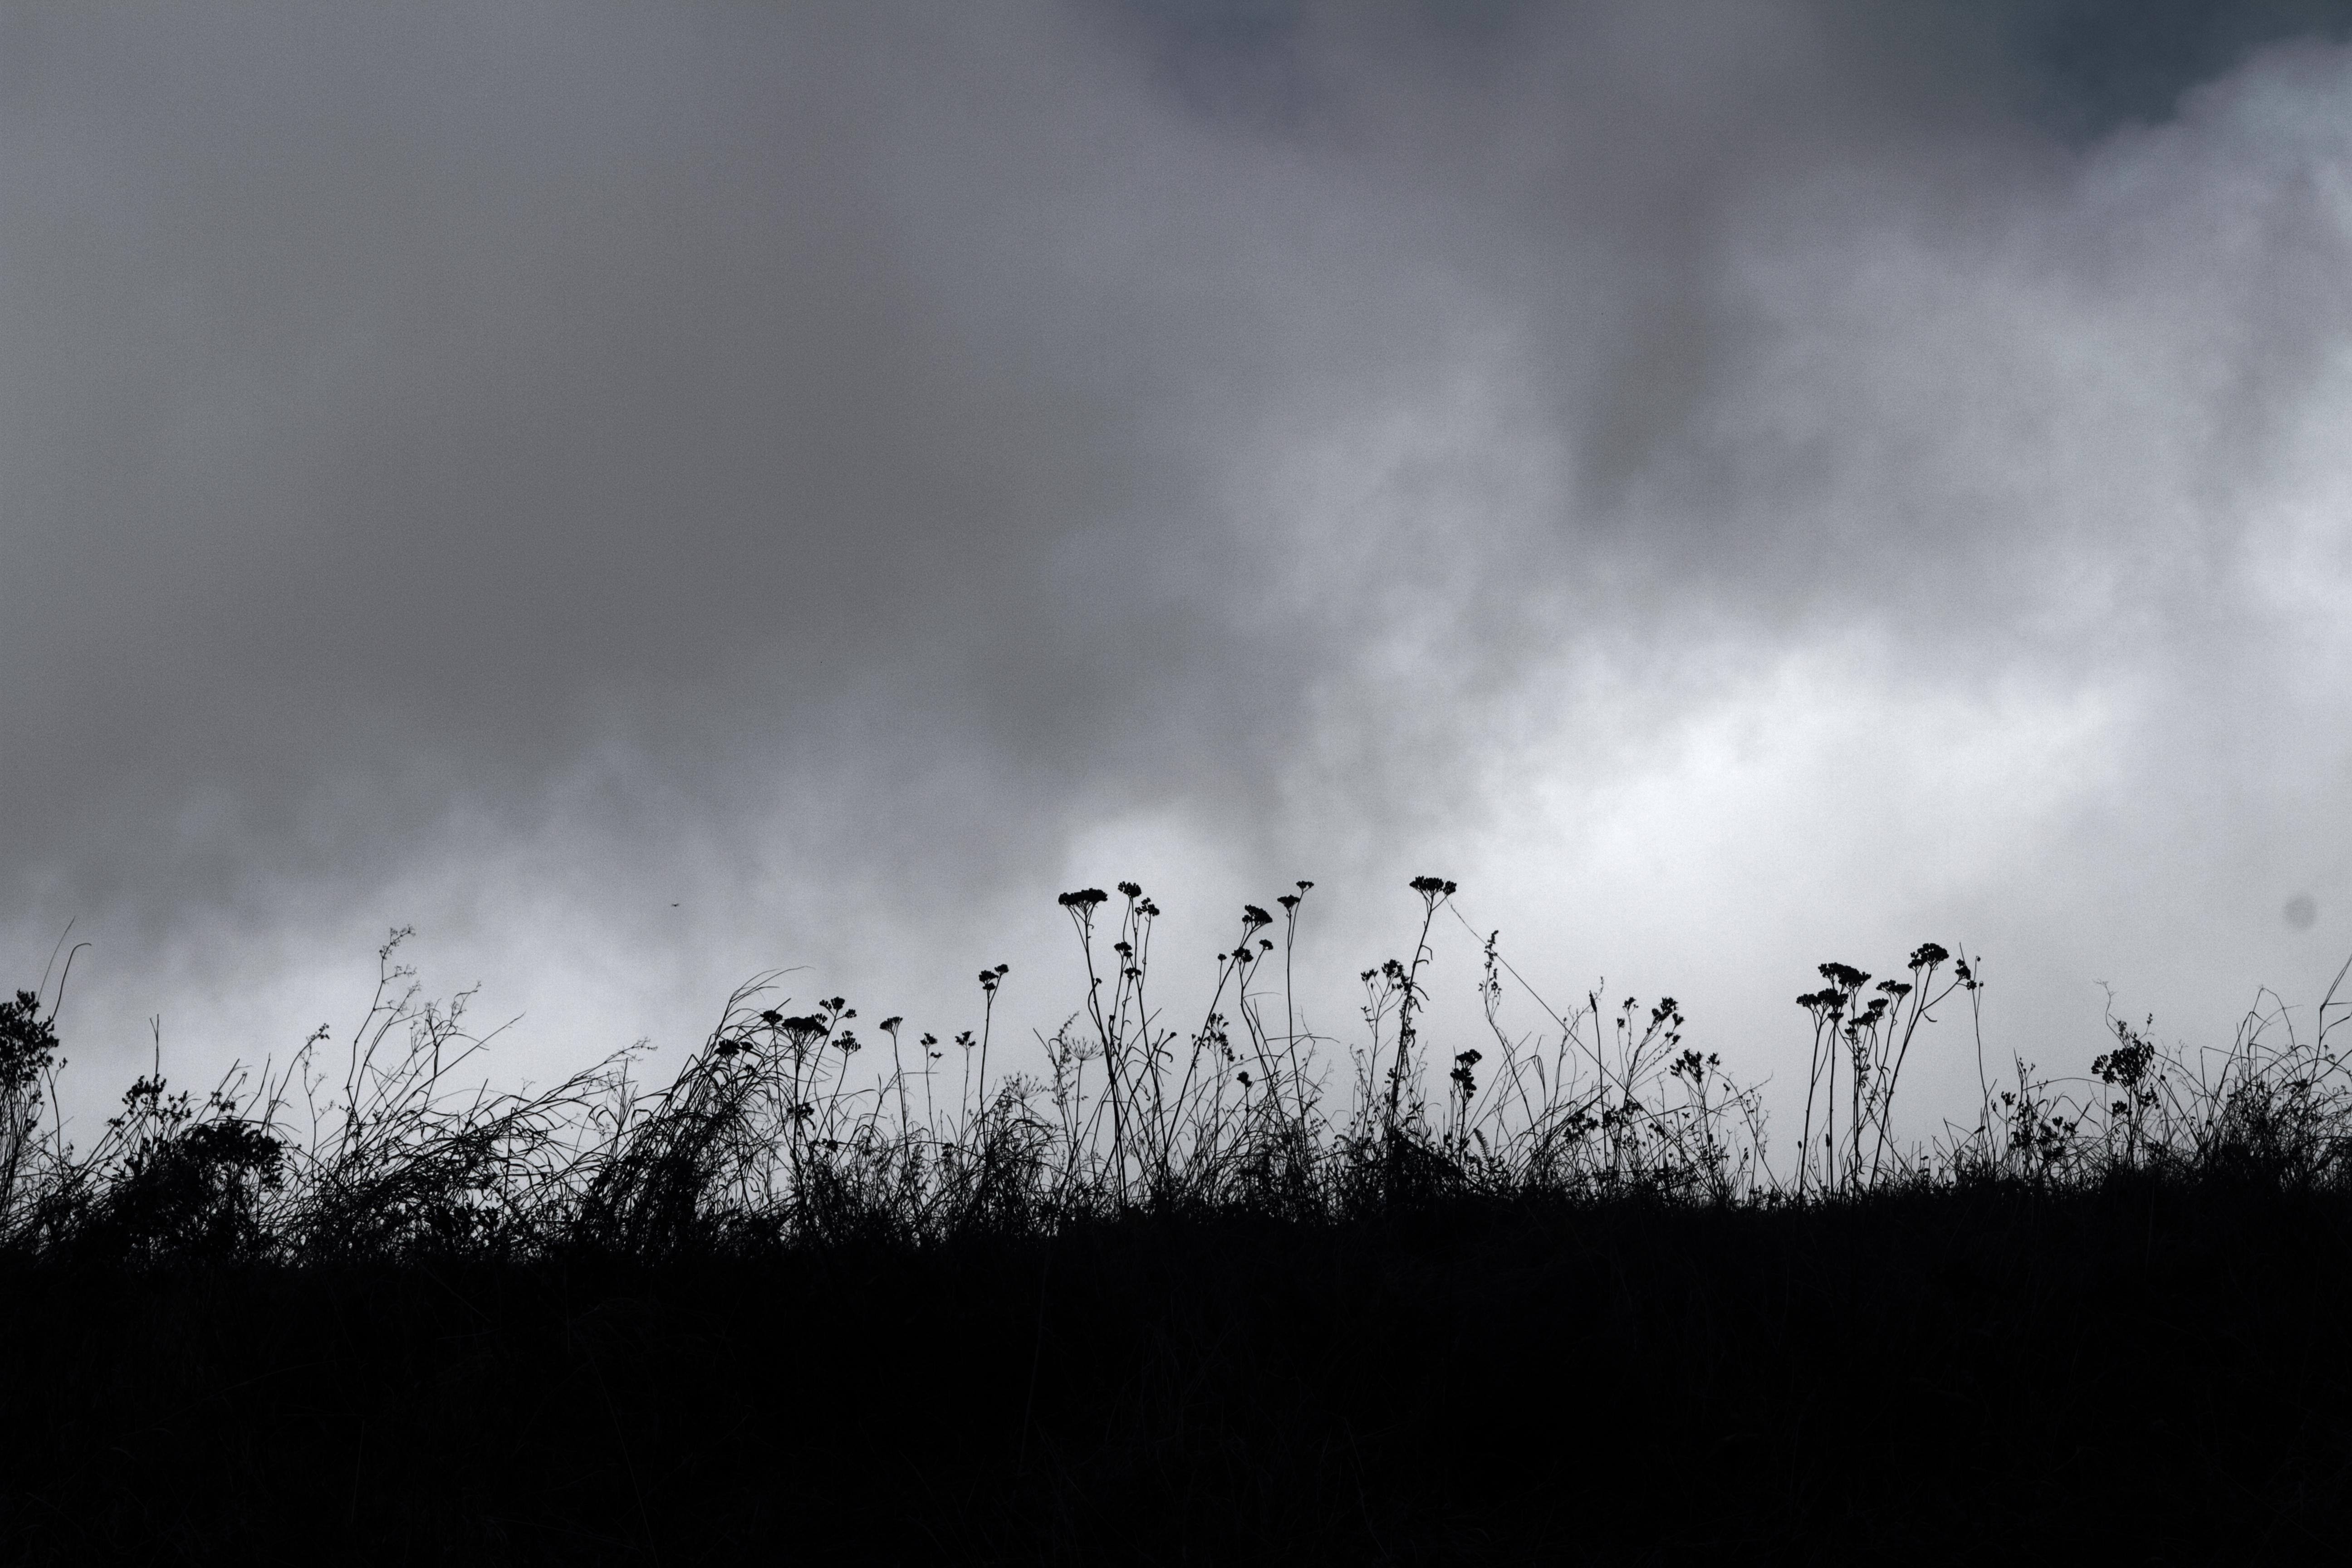 poesie-photographie-tracesdusouffle-marie-anne-schonfeld-présence2.JPG